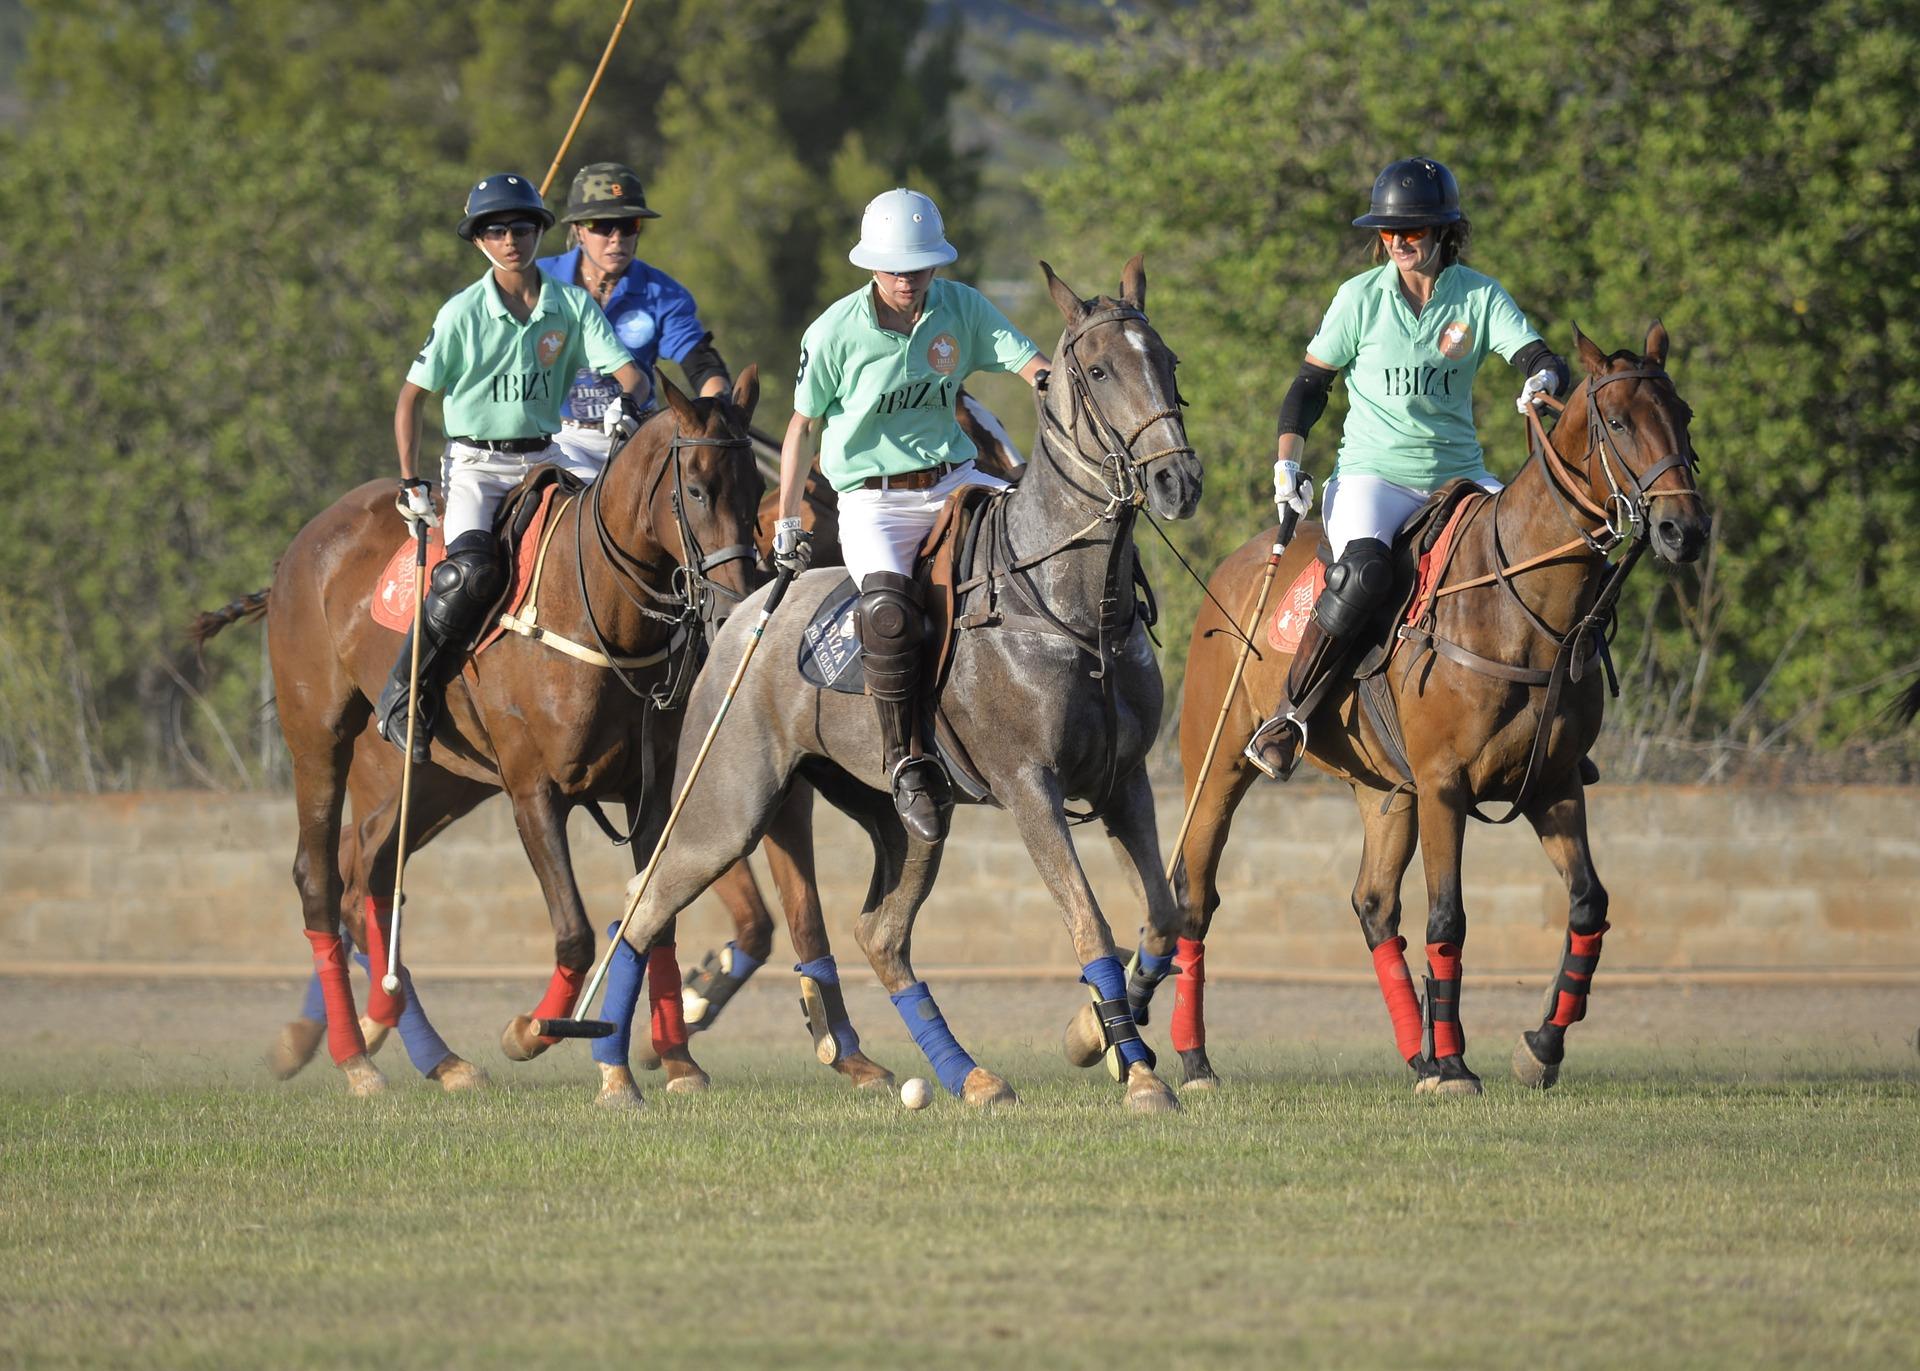 Pallopelit hevosurheilussa; polocrosse ja poolo